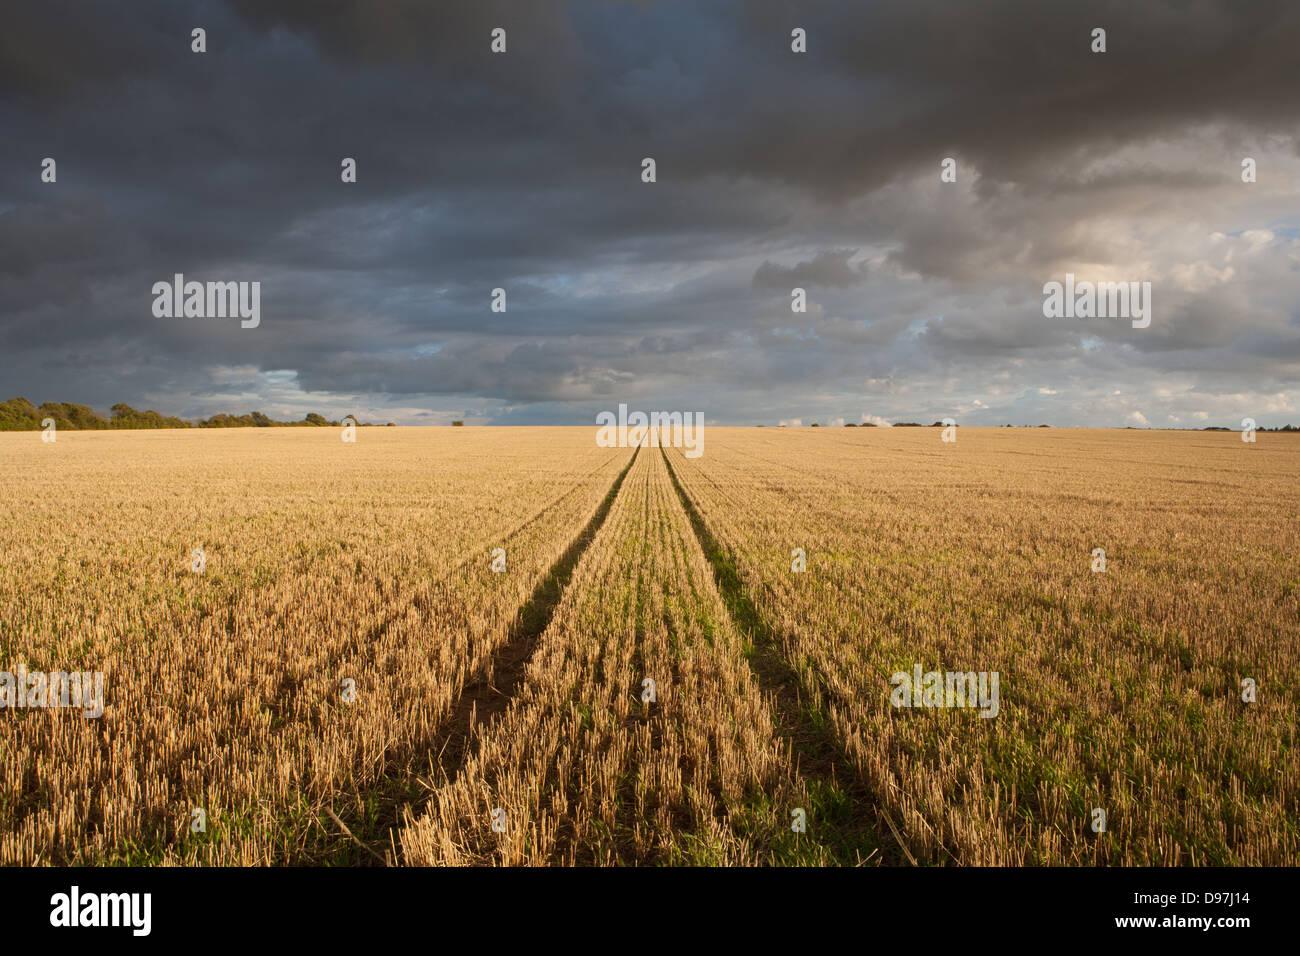 L'Angleterre; NORFOLK THORNHAM; PERSPECTIVE; lignes; LA LUMIÈRE DU SOLEIL; Photo Stock